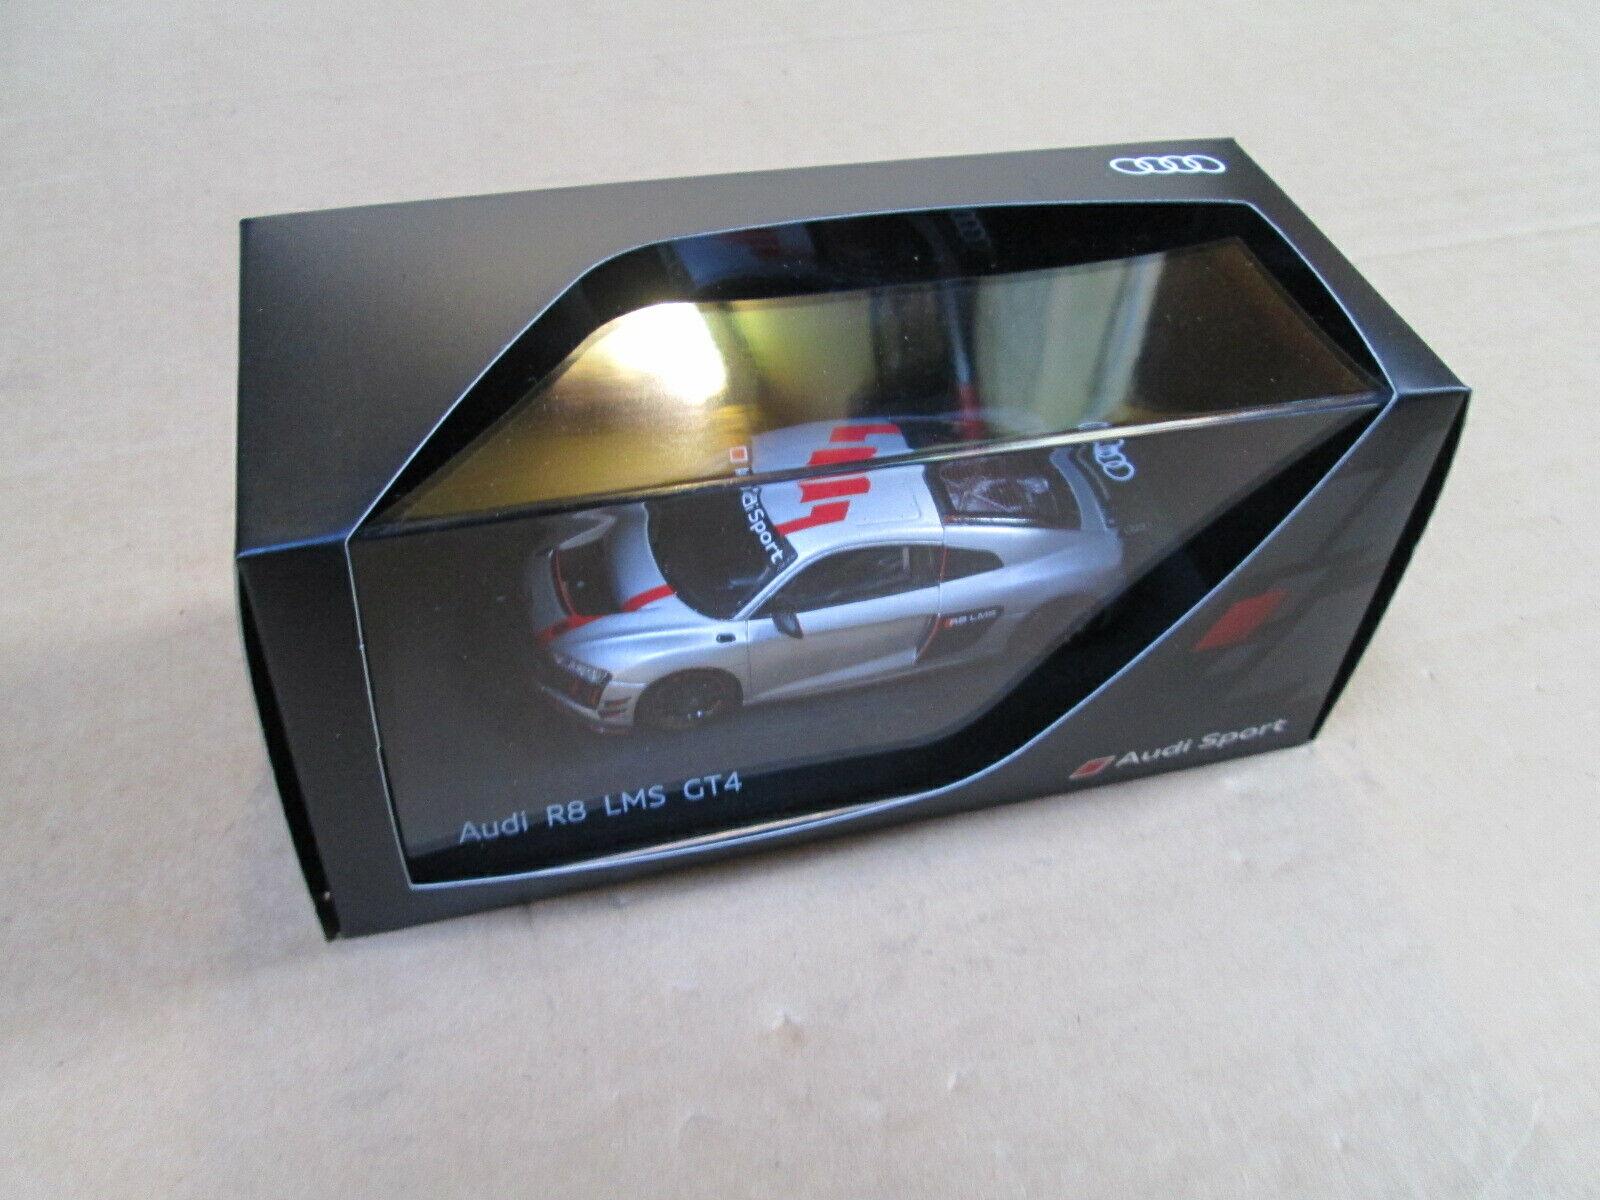 NUOVI originali confezionati 1 43 AUDI R8 LMS GT4 argentoo modellolo Auto 5021700531